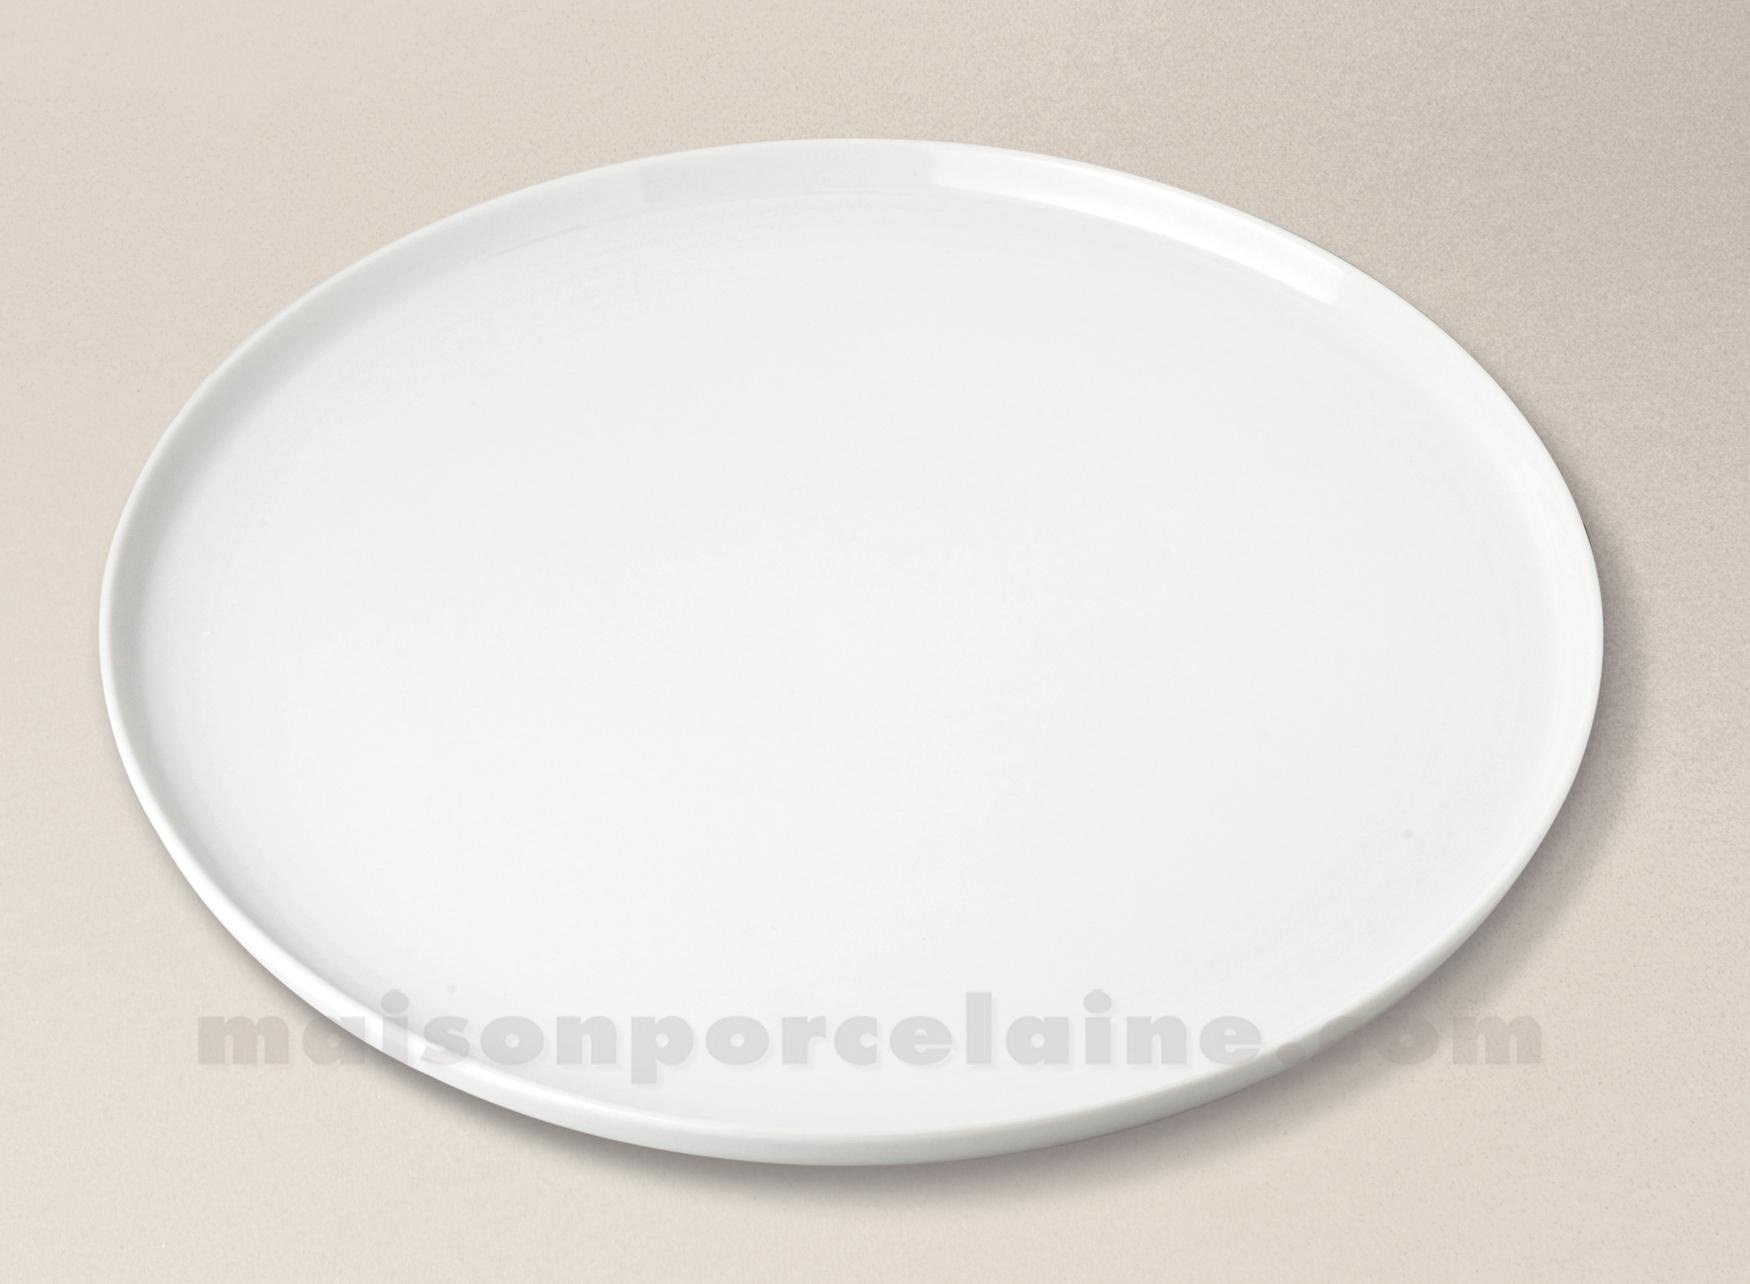 Plat tarte porcelaine blanche bistro d33 maison de la for Maison de la porcelaine